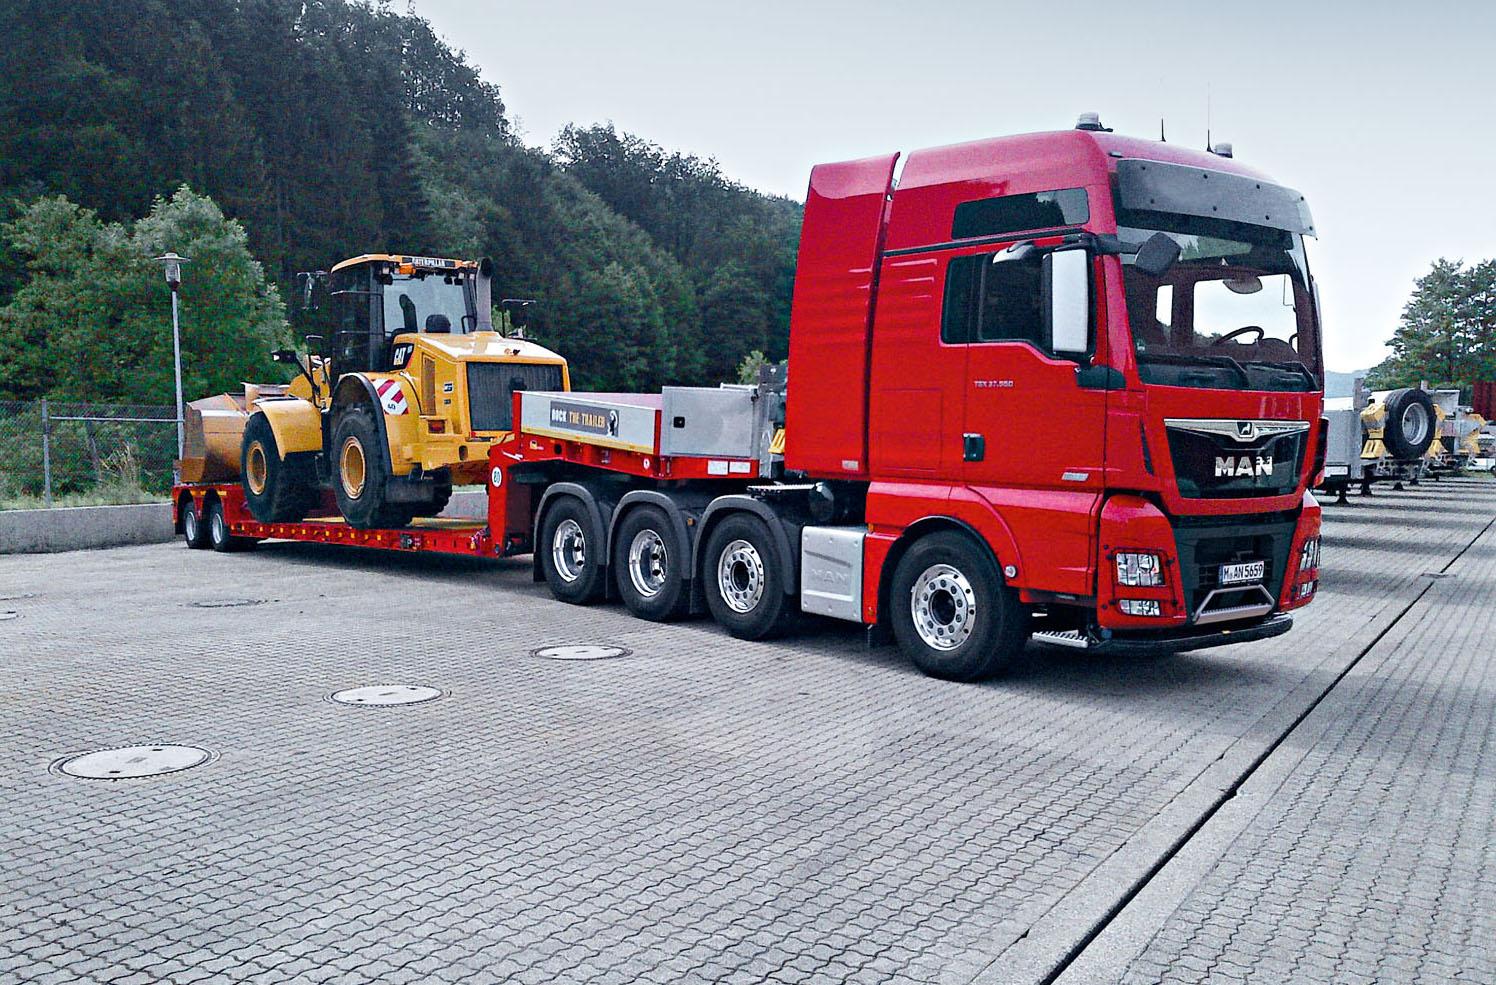 Il nuovo TGX 33.640 di MAN - camion eventi MAN trasporti eccezionali trasporto eccezionale truck veicoli industriali veicolo industriale -Notizie Veicoli industriali e leggeri - MC5.0-Macchine Cantieri 3